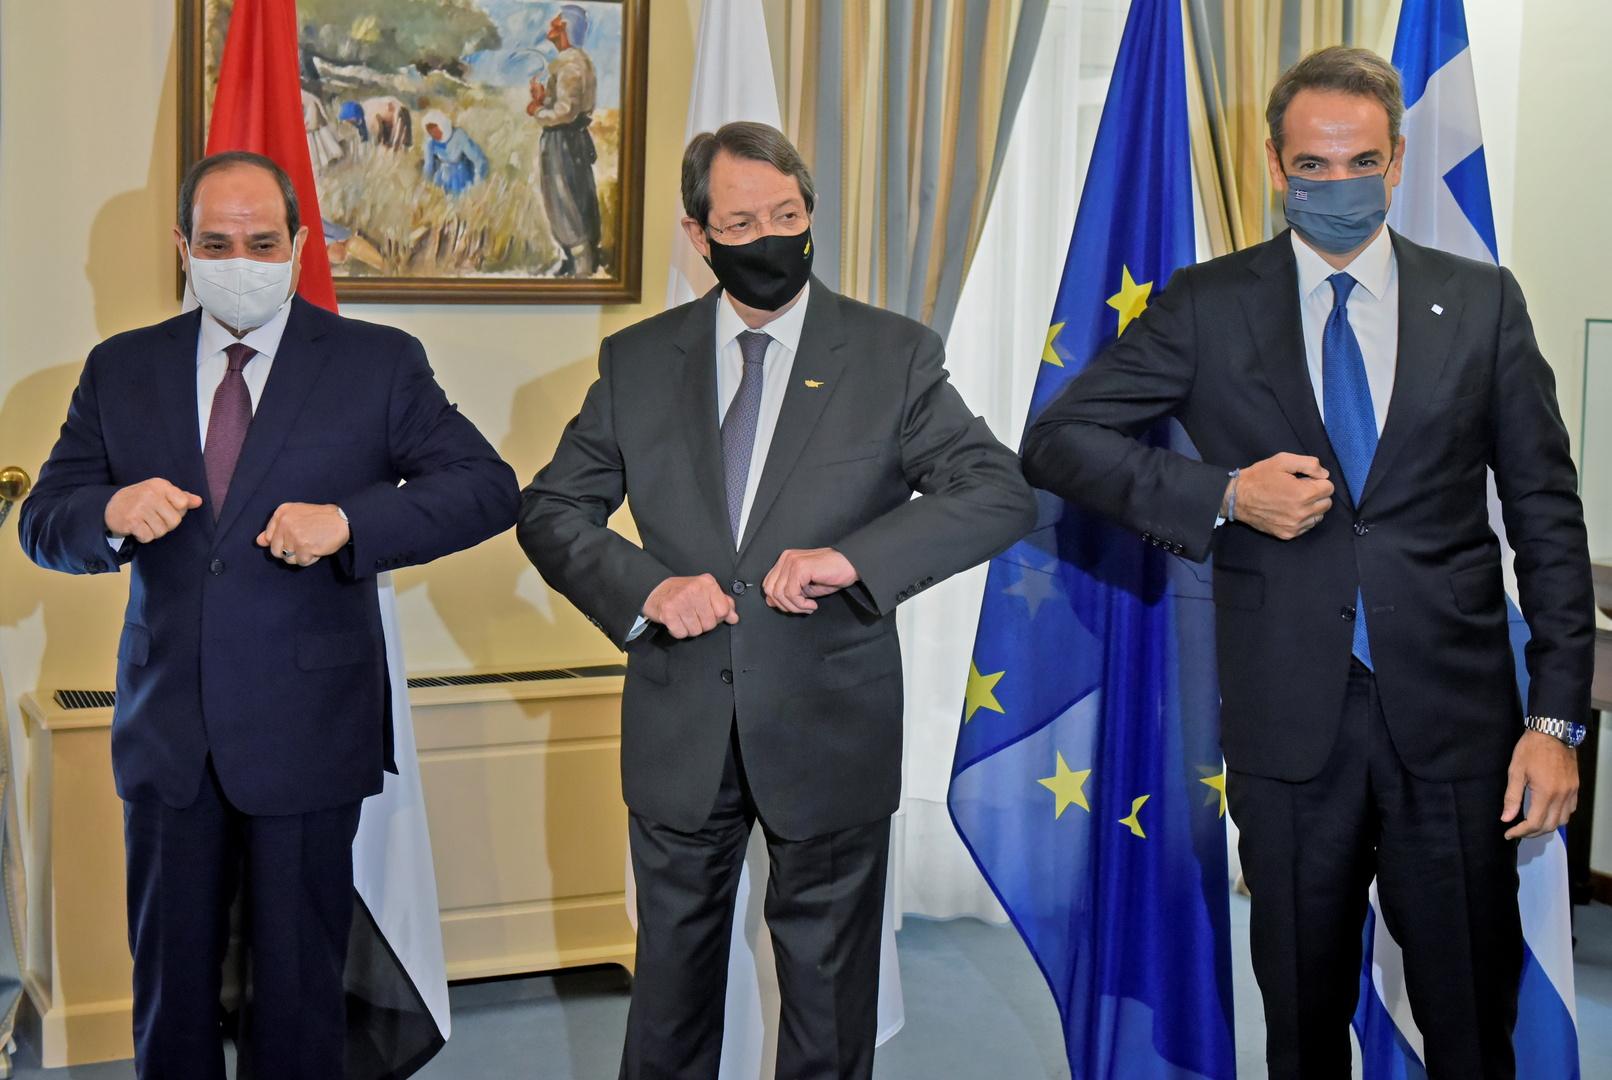 الرئيس المصري ورئيس الوزراء اليوناني والرئيس القبرصي